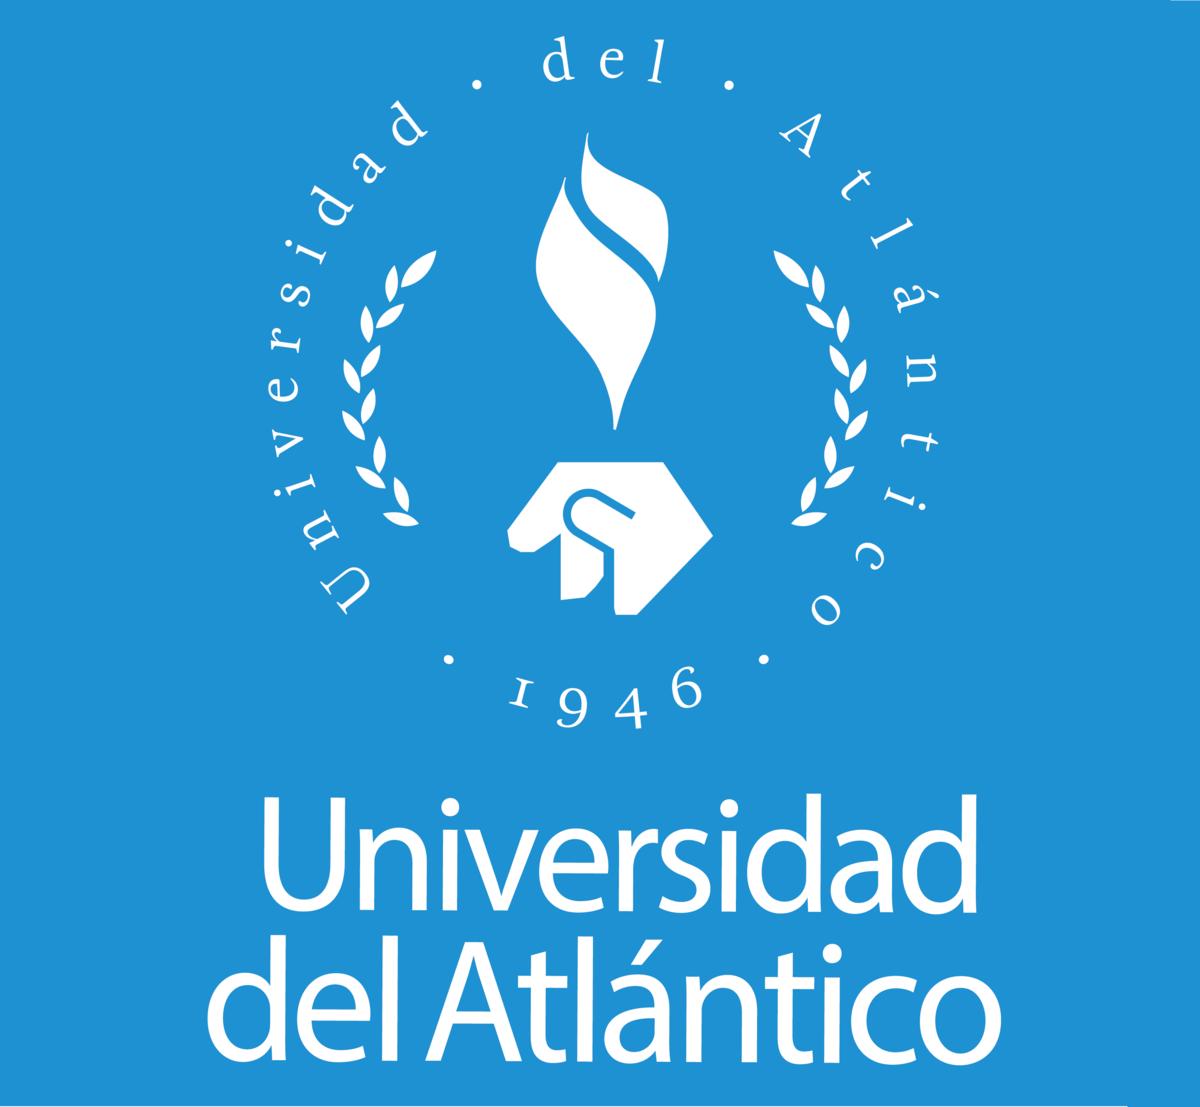 University of Atlántico - Wikipedia